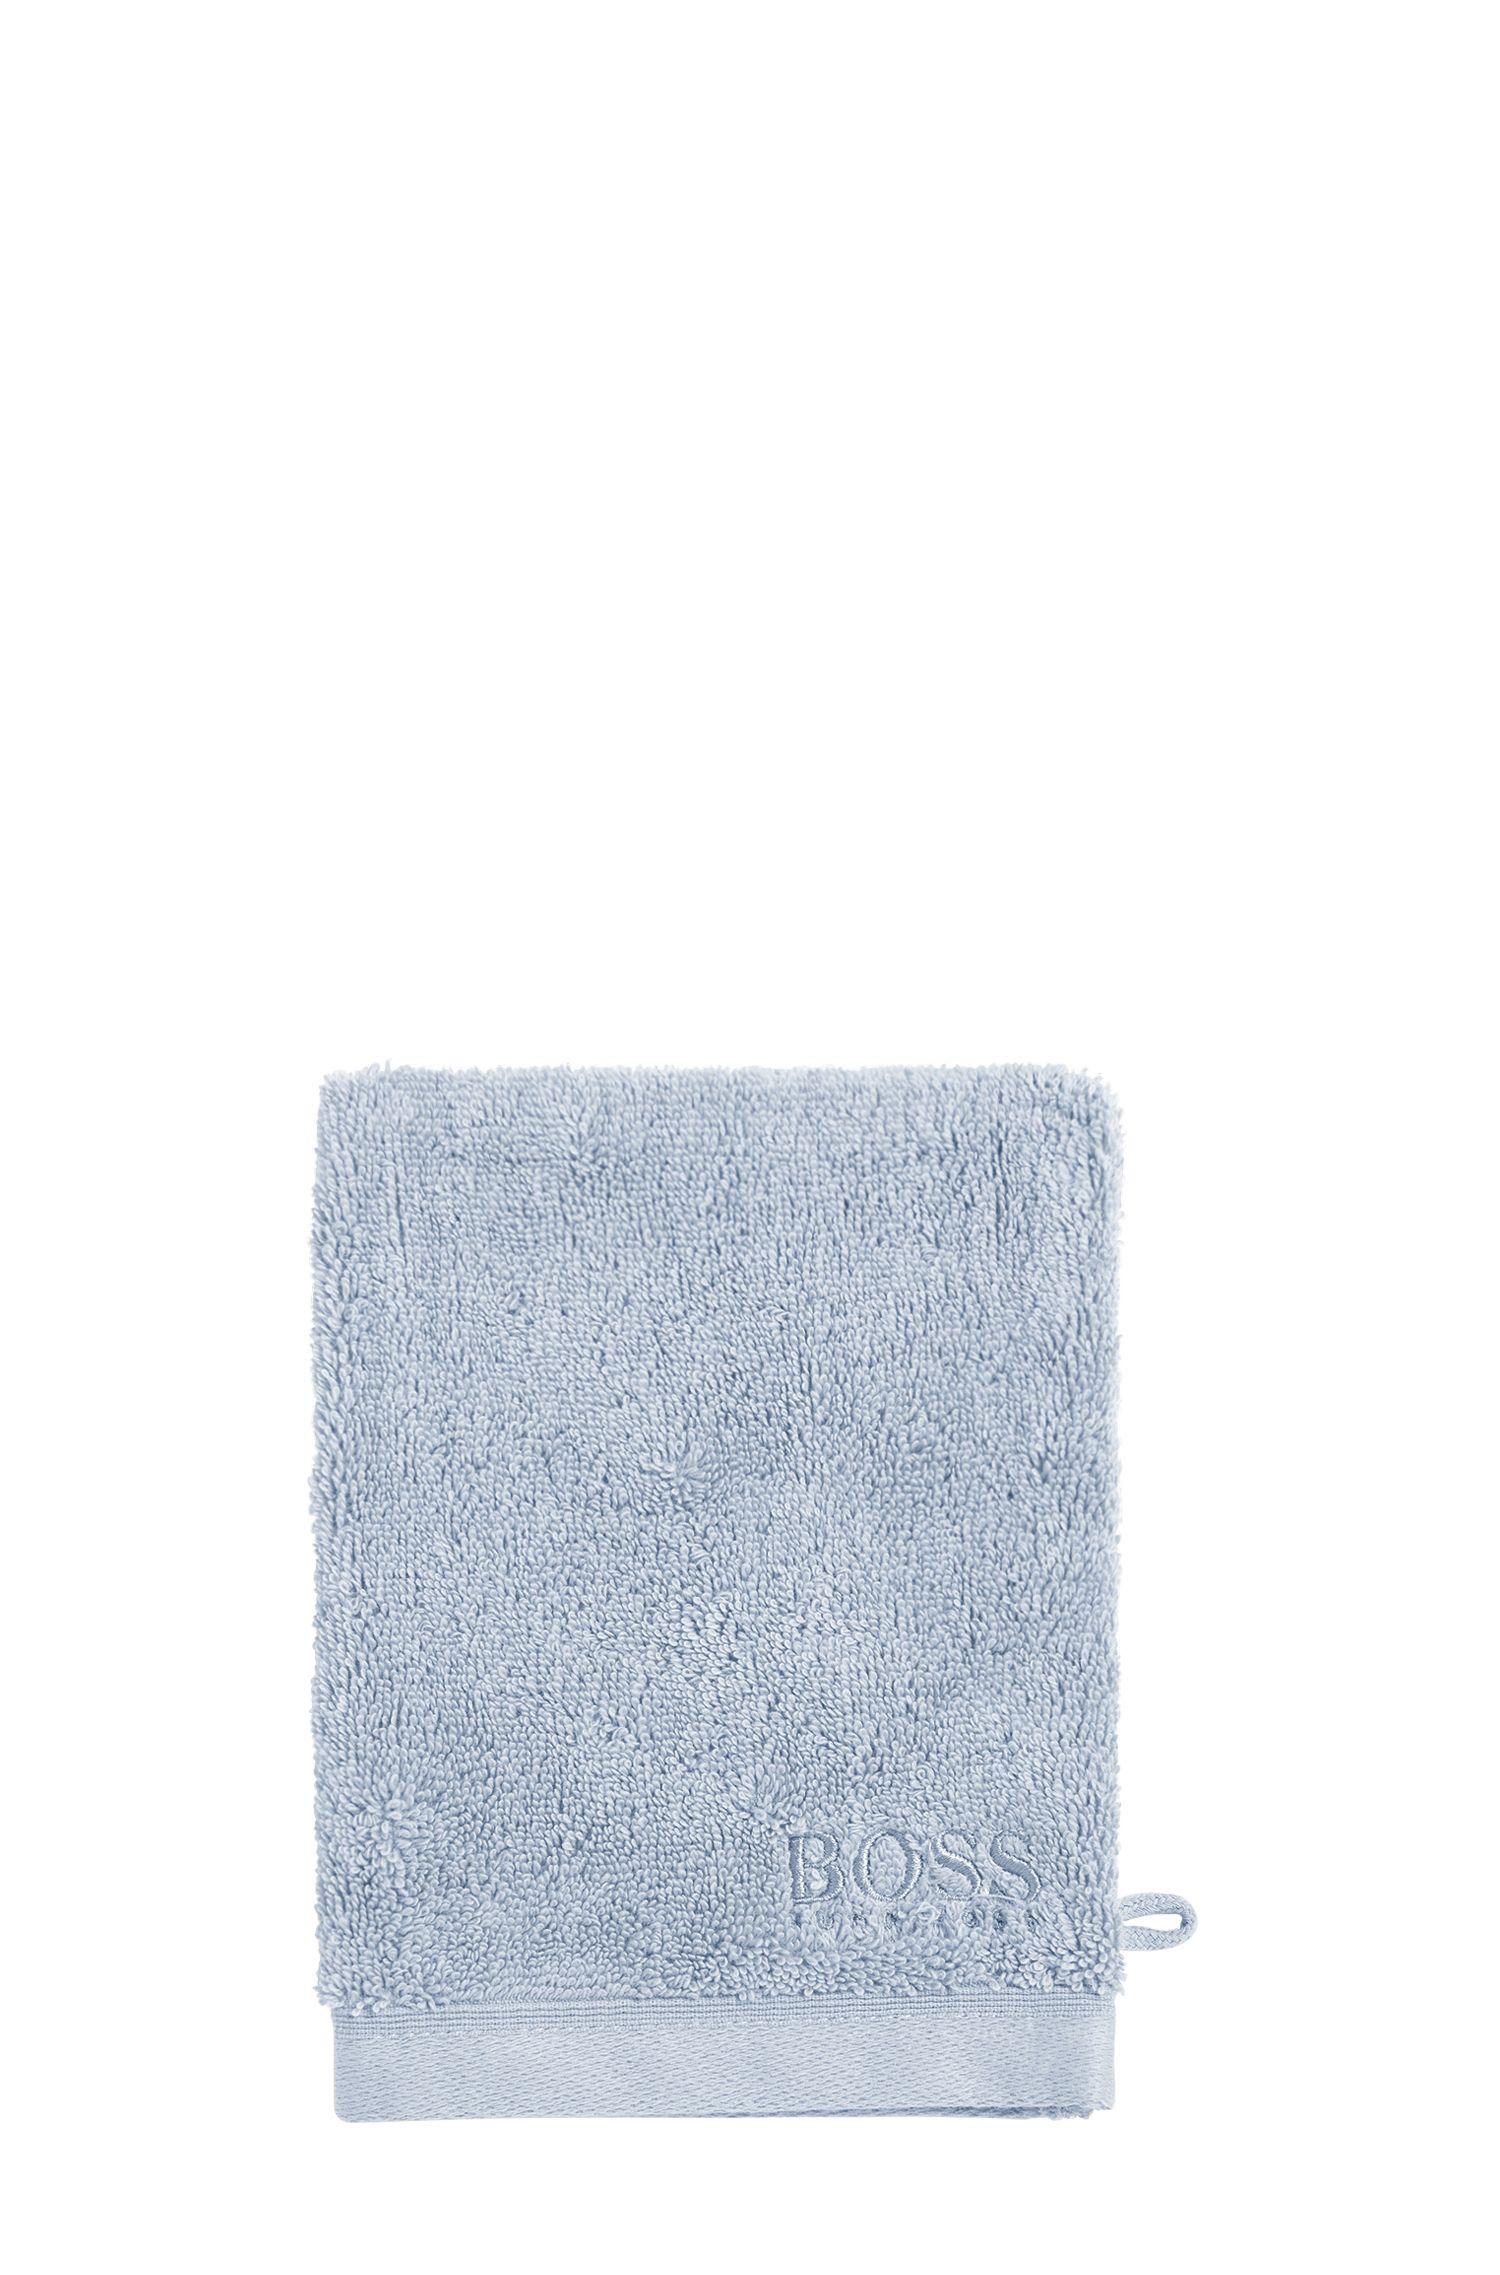 Gant de toilette en coton peigné de la mer Égée, Bleu vif